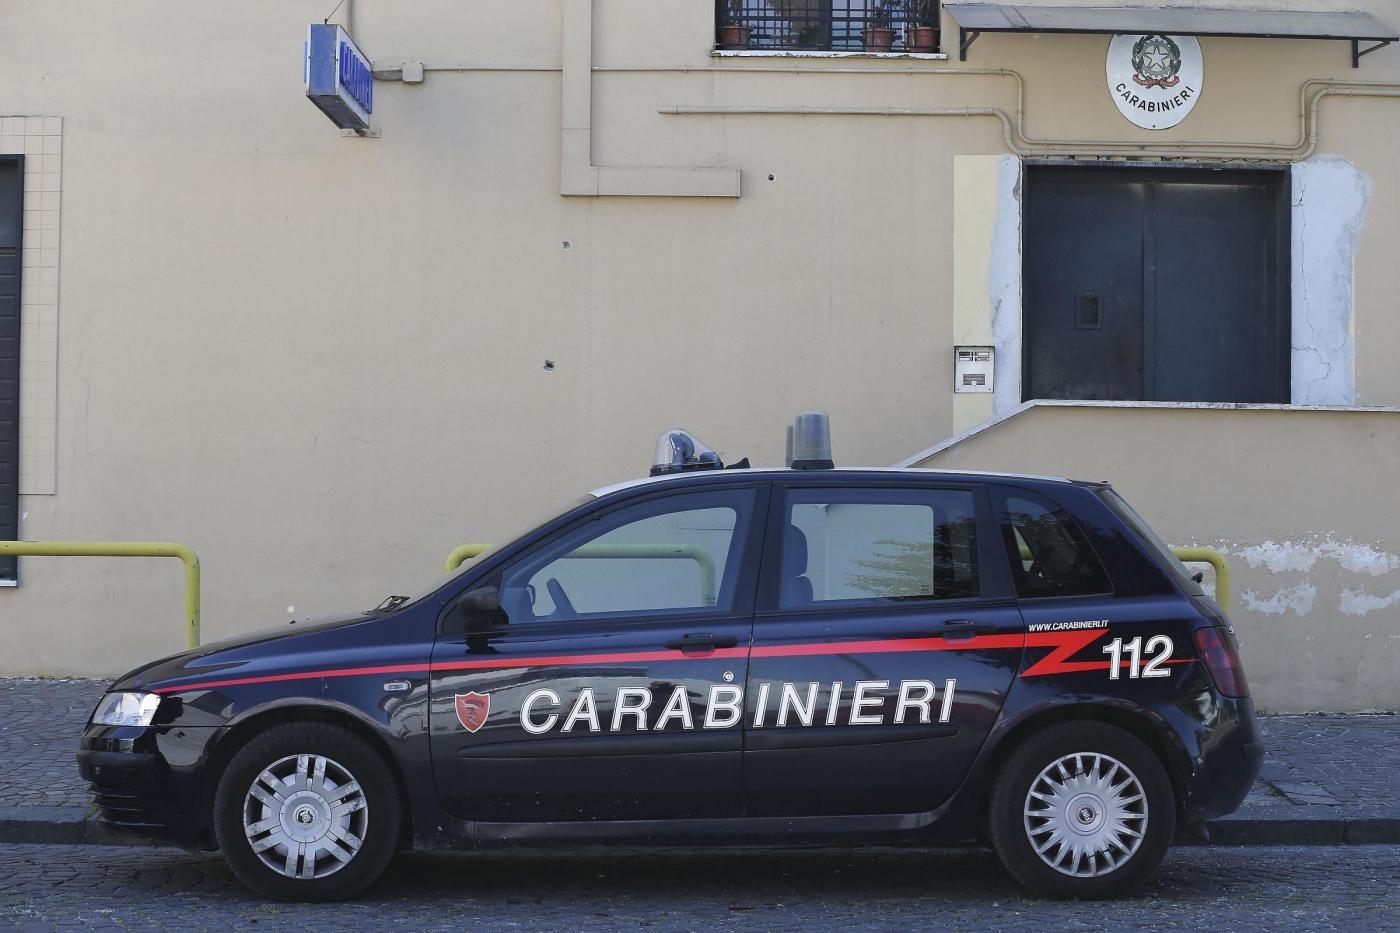 Napoli, foto intime da minori e ricatti: arrestato pedofilo 21enne